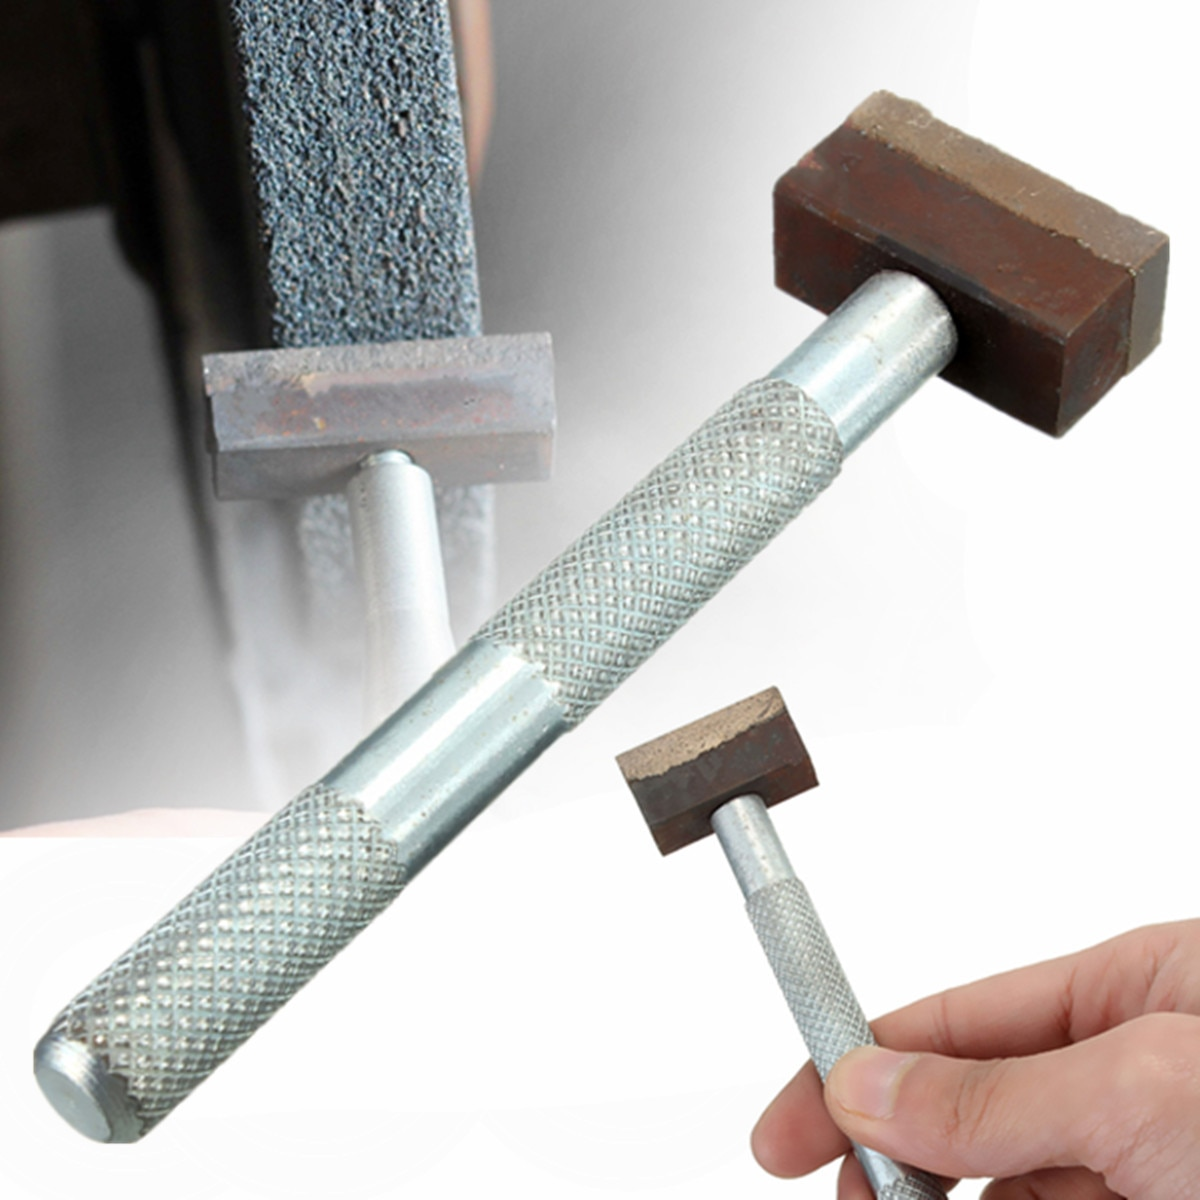 Broca de diamante doersupp, 1 peça, pedra de disco para esmerilhamento, ferramenta cômoda, bancada